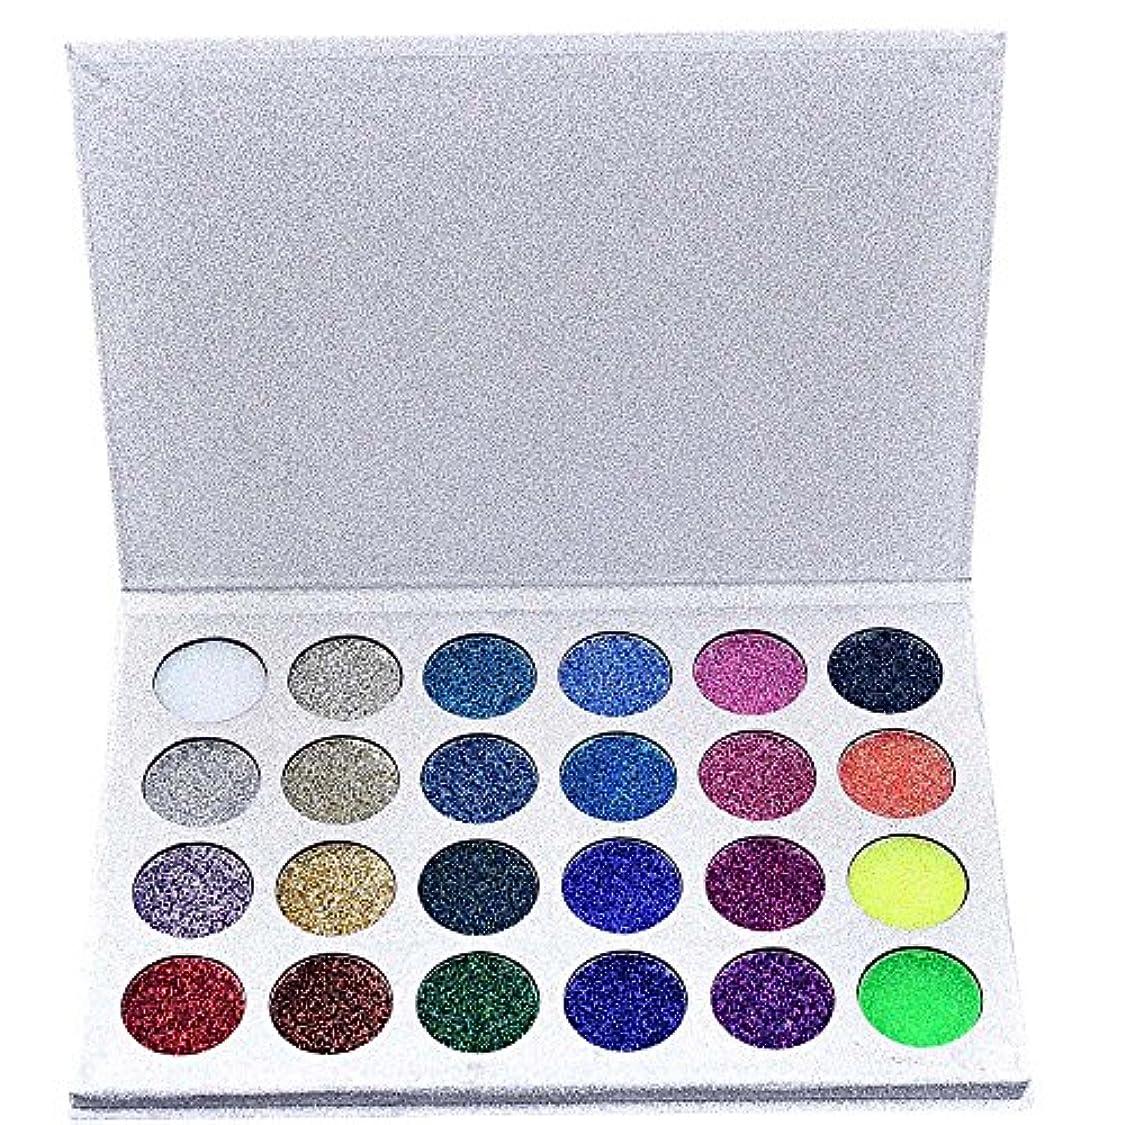 契約するショッキングビジュアル24色化粧品パウダーアイシャドーパレットメイクナチュラルシマーマットセット